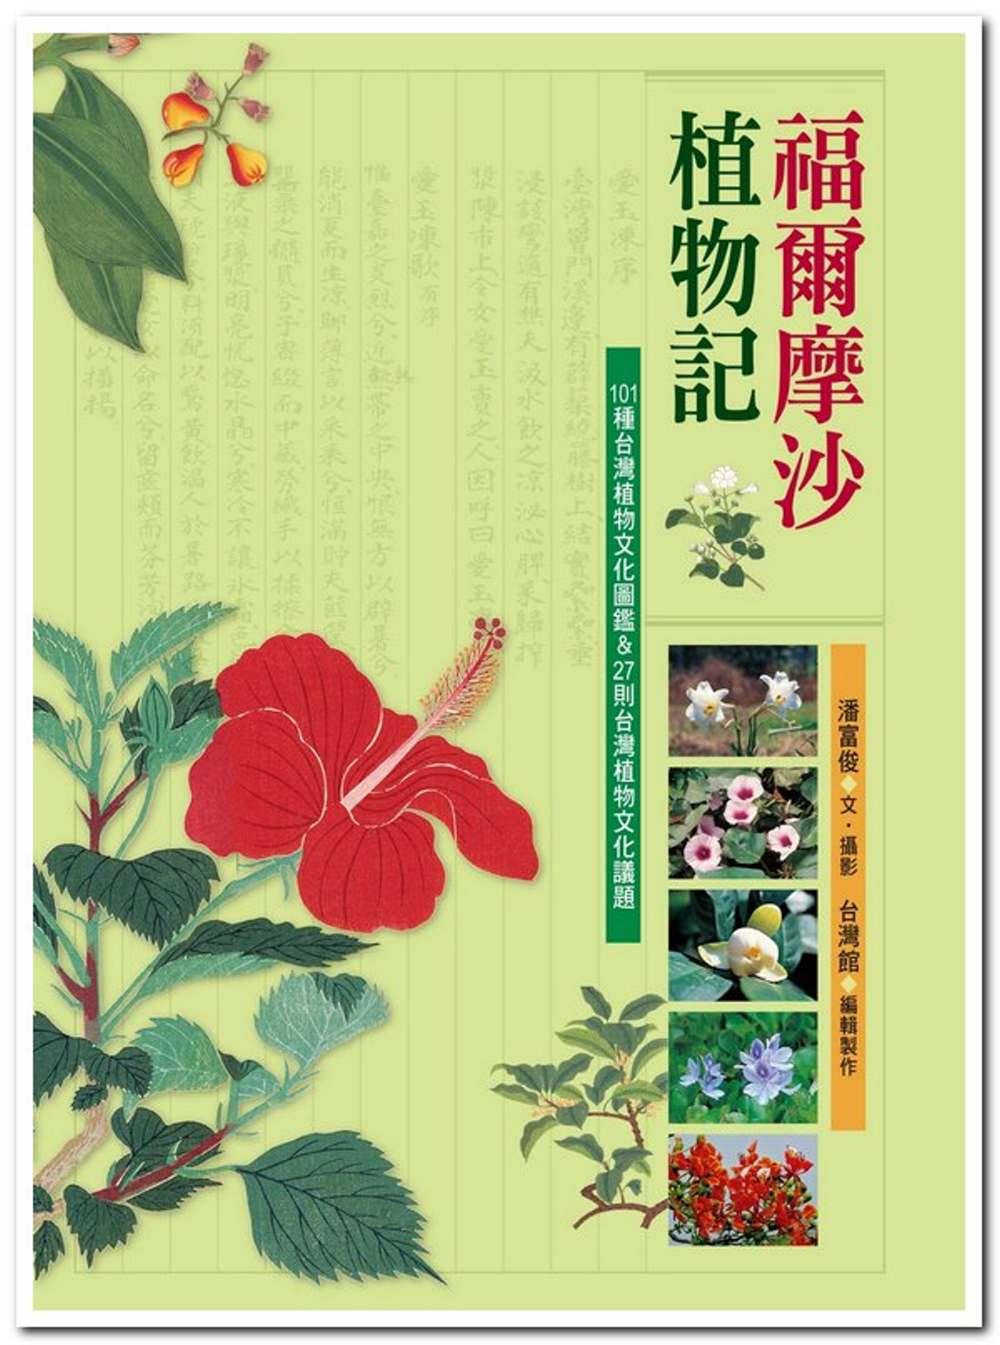 福爾摩沙植物記:101種台灣植物文化圖鑑&27則台灣植物文化議題(新版)